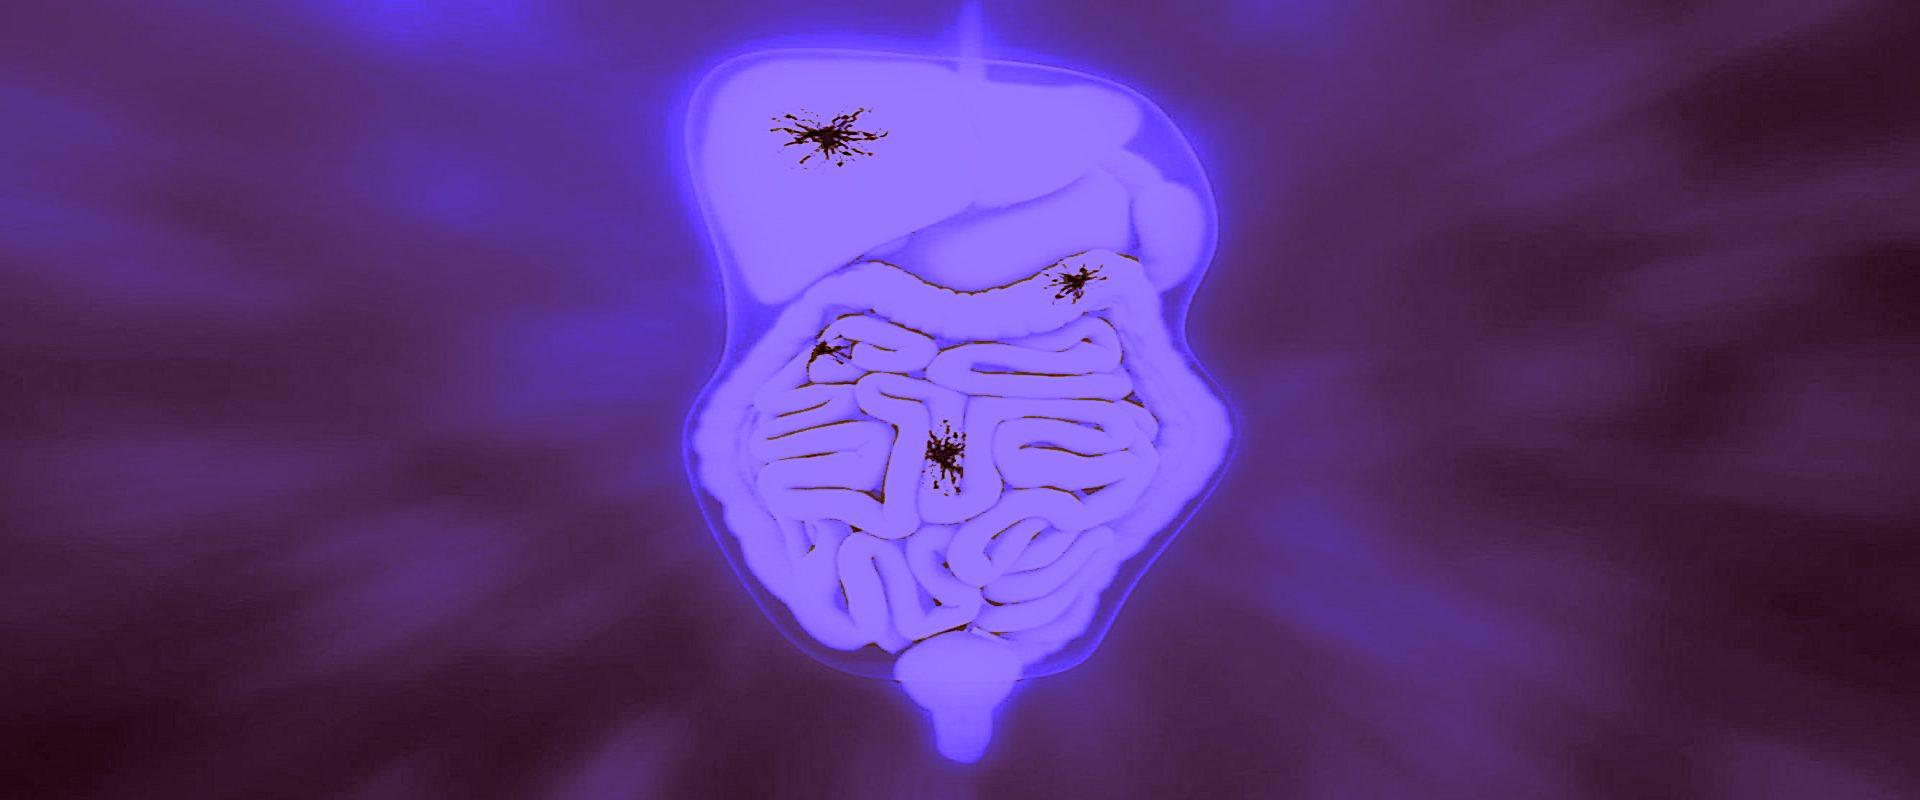 Μεσοθηλίωμα Περιτοναίου